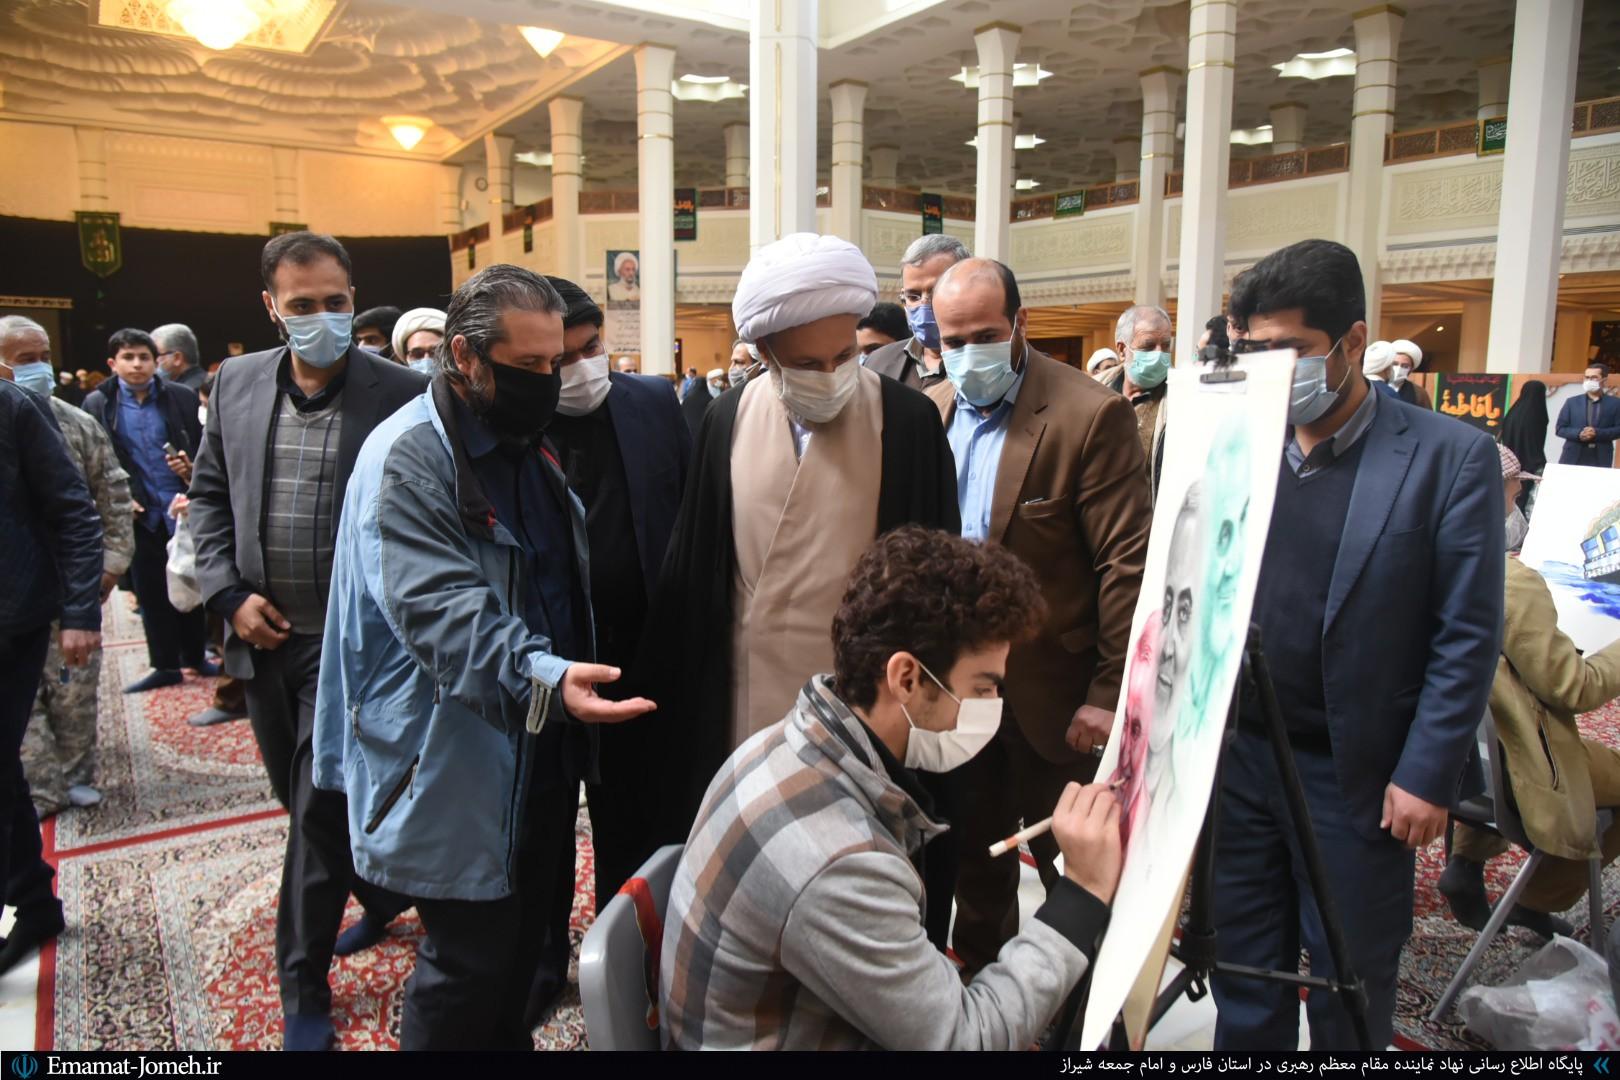 بازدید آیت الله دژکام از نمایشگاه هنری مرتبط با شهید سلیمانی و شهید فخری زاده